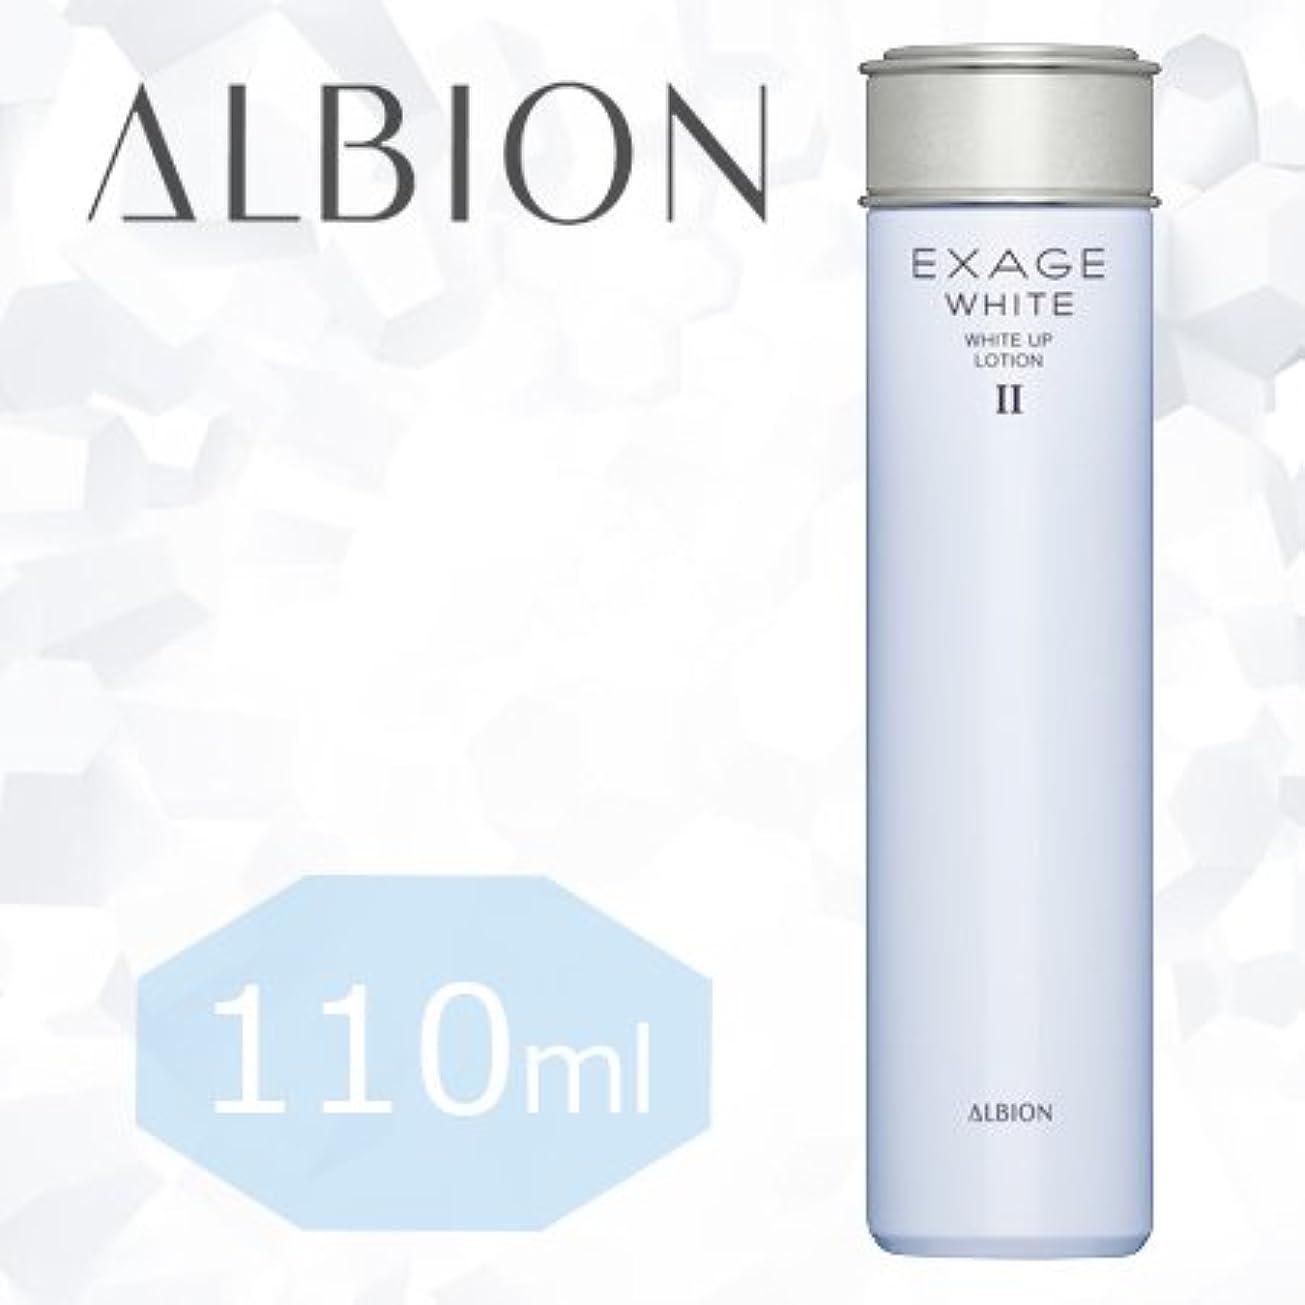 濃度メンバー長方形アルビオン エクサージュホワイト ホワイトアップ ローション 2 110ml